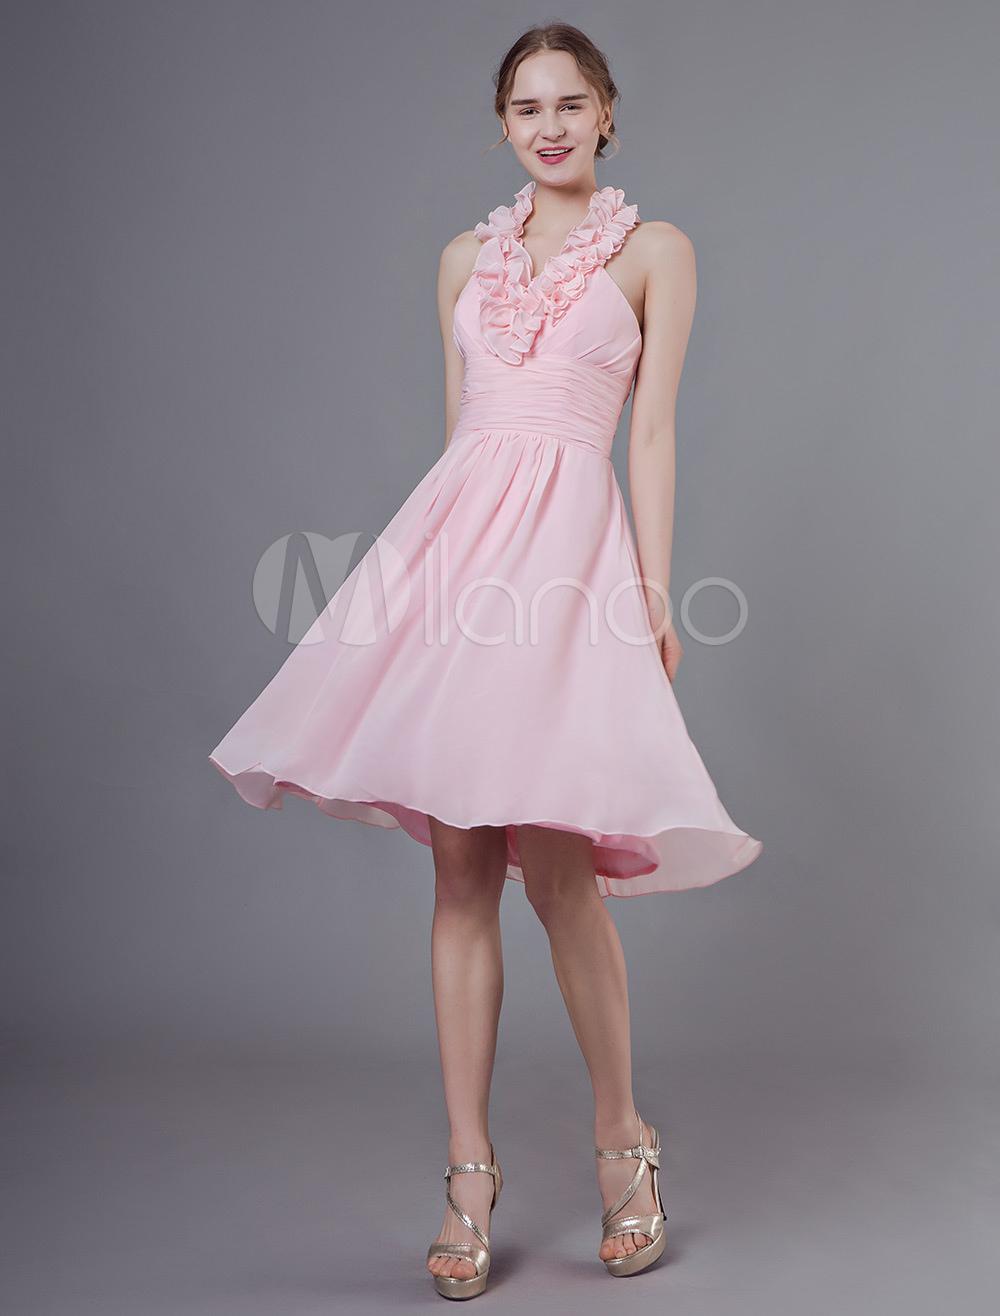 new style 357ee 17923 Abiti da damigella d'onore brevi Abito da cerimonia nuziale al ginocchio in  chiffon rosa lavorato a pieghe